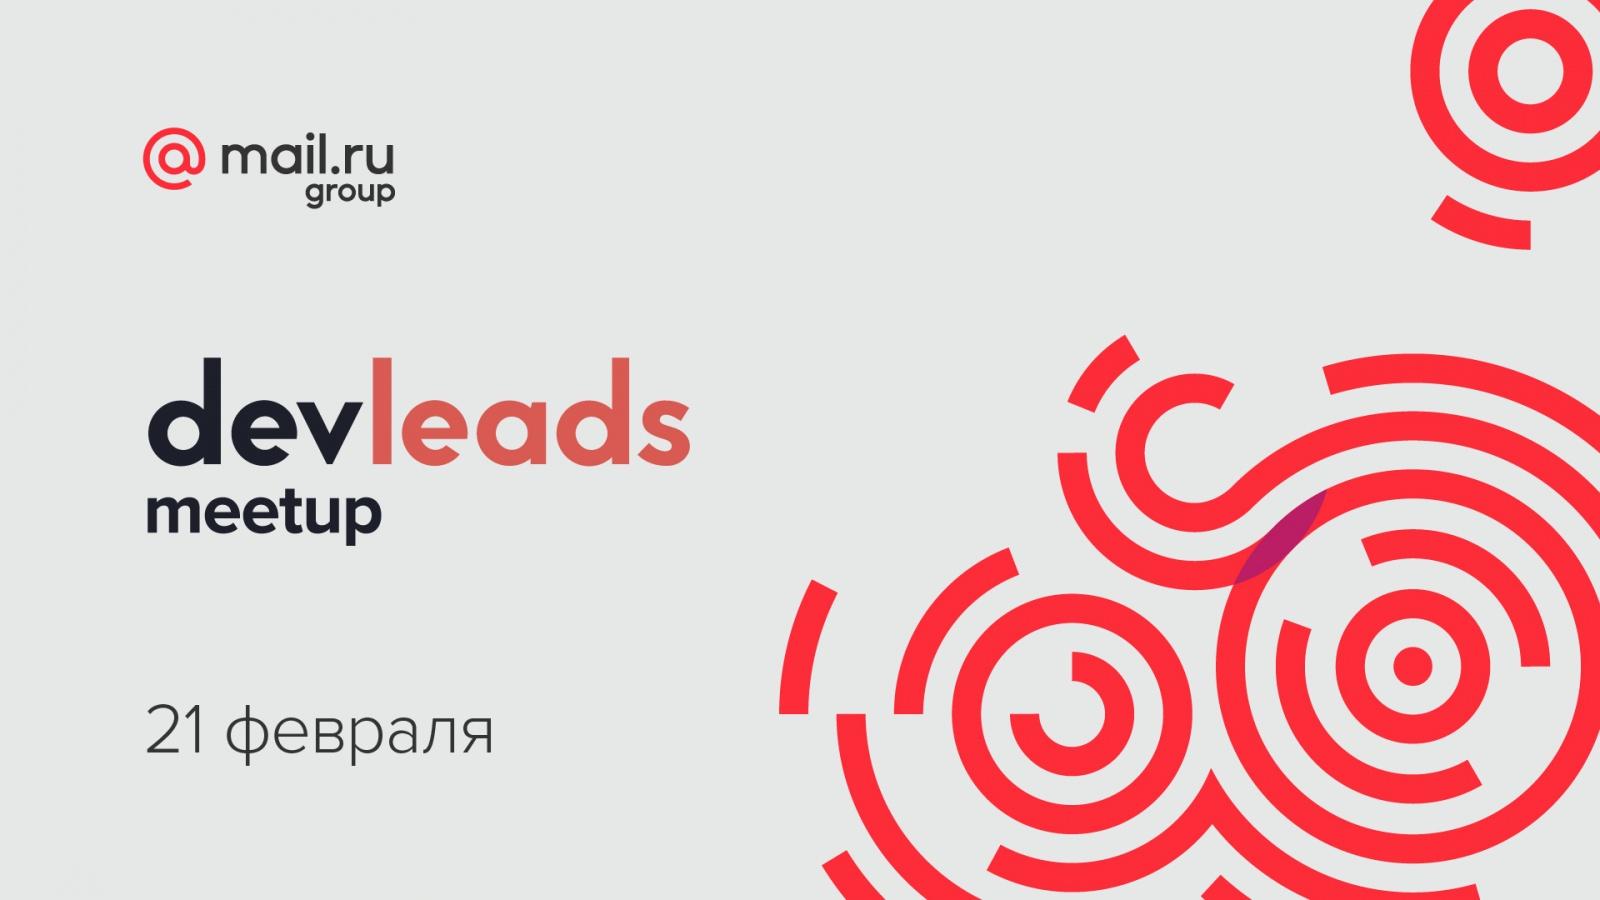 Приглашаем на Devleads Meetup 21 февраля - 1